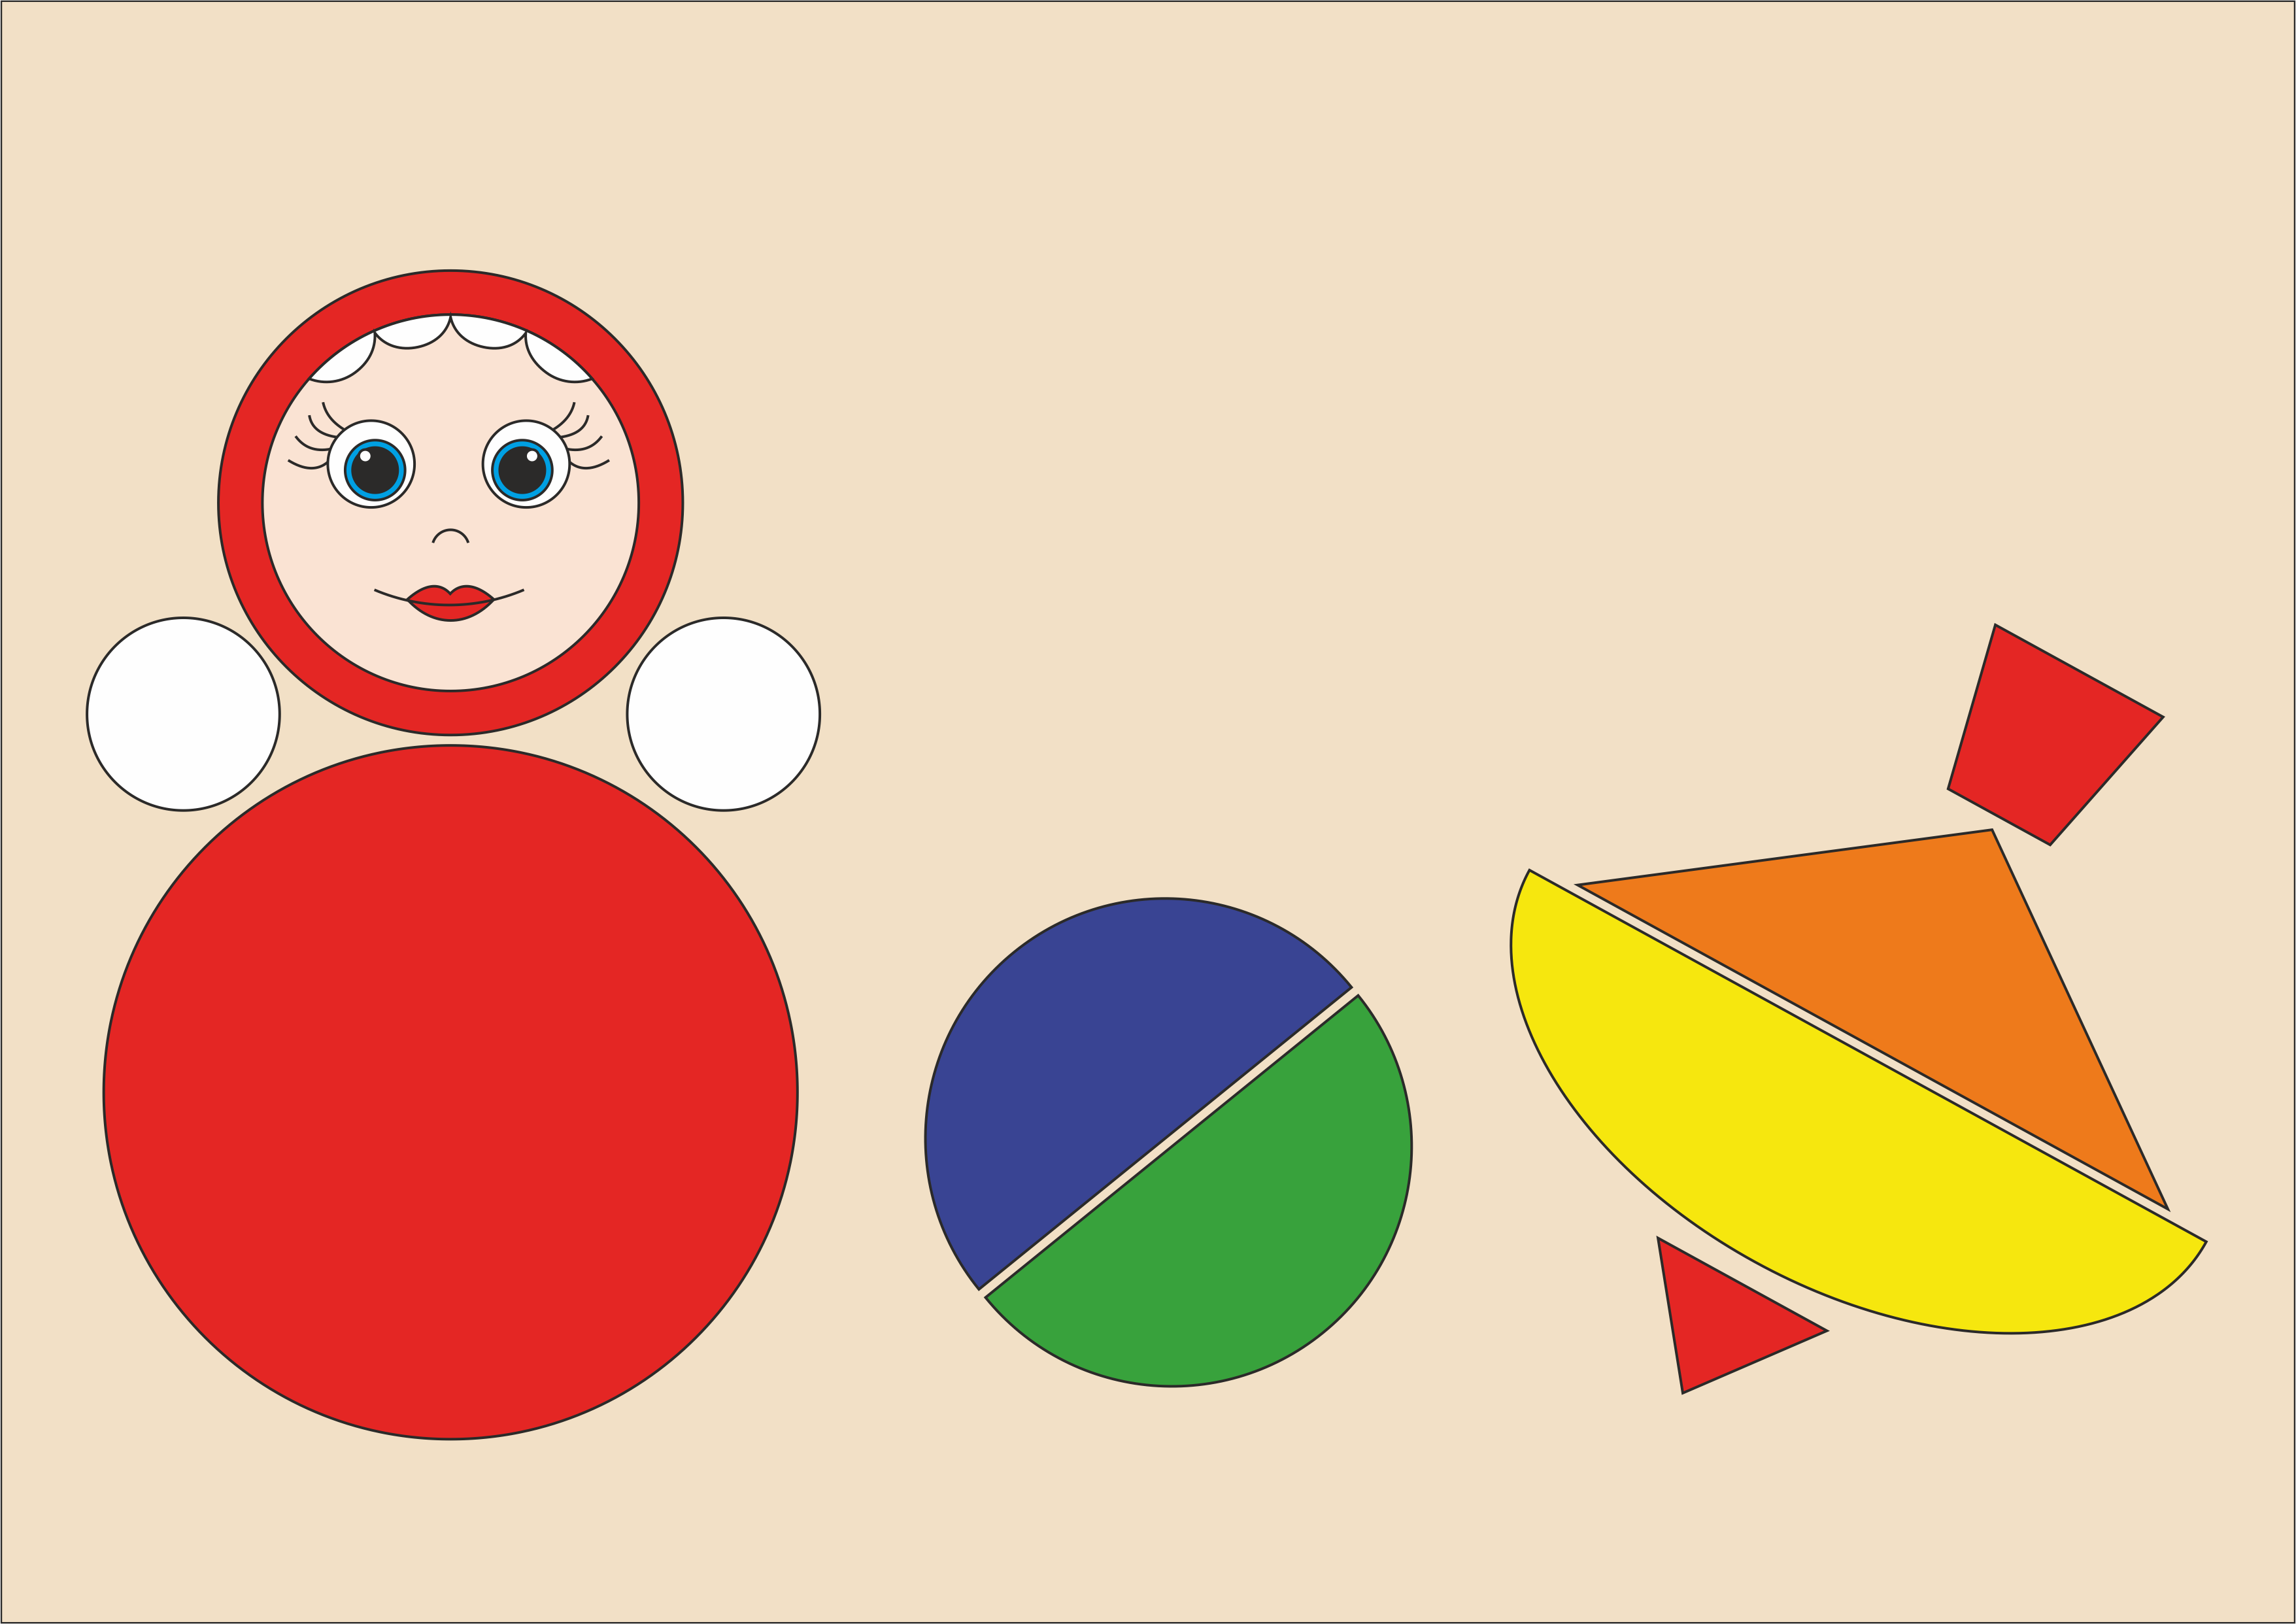 """Рисунок """"Игрушки из геометрических фигур"""""""